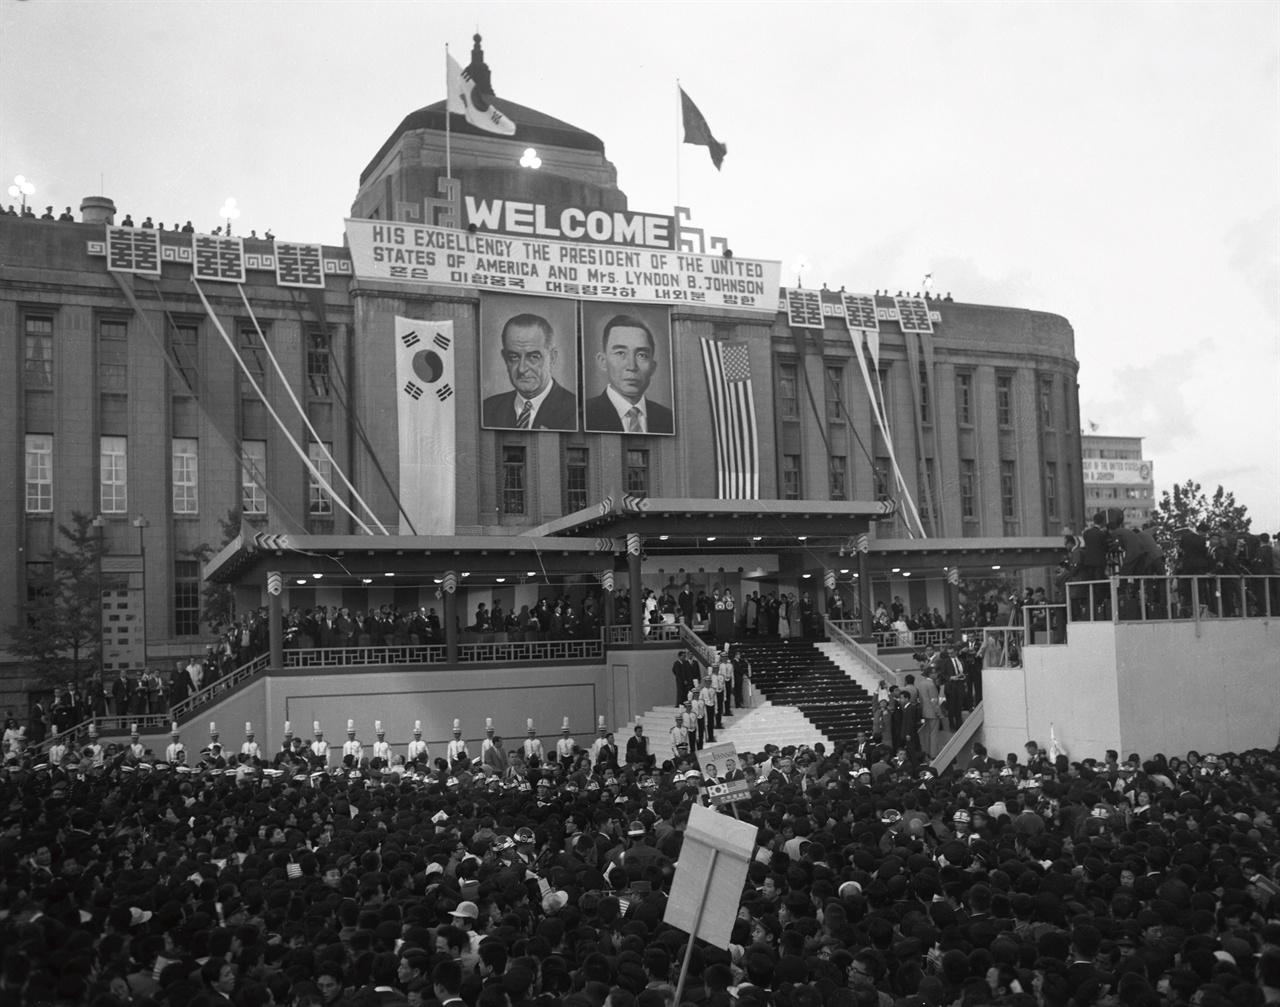 린든 존슨 대통령 방한 환영 시민대회 1966년 10월 31일 한국을 방문한 미국의 린든 존슨 대통령. 그의 방한은 뜻밖의 파장을 일으켰다. 소공동 슬럼가가 방송을 타면서 화교가 밀집한 '차이나타운'의 재개발로 이어졌다.